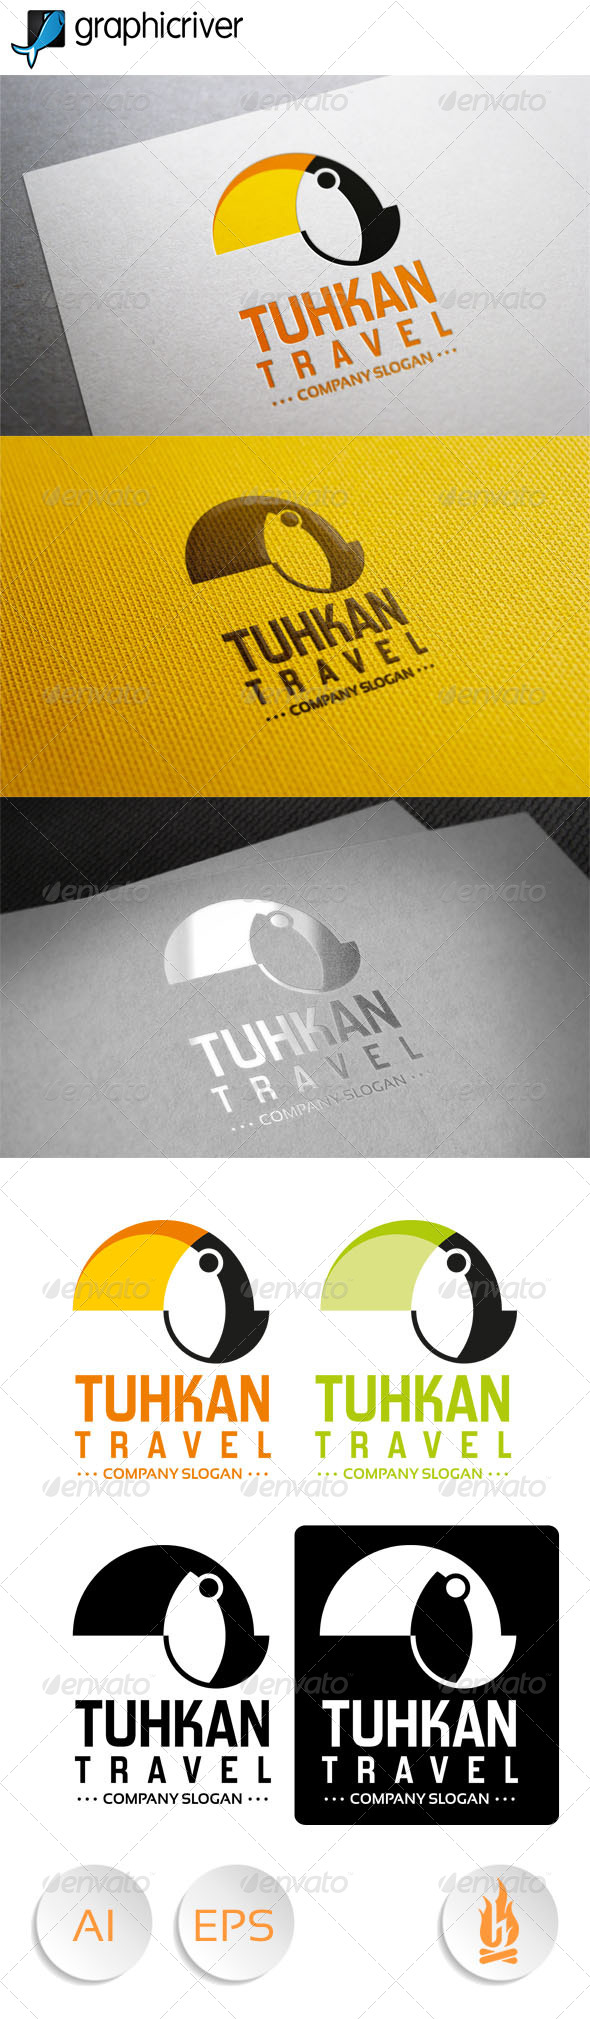 GraphicRiver Tuhkan Travel 7815262